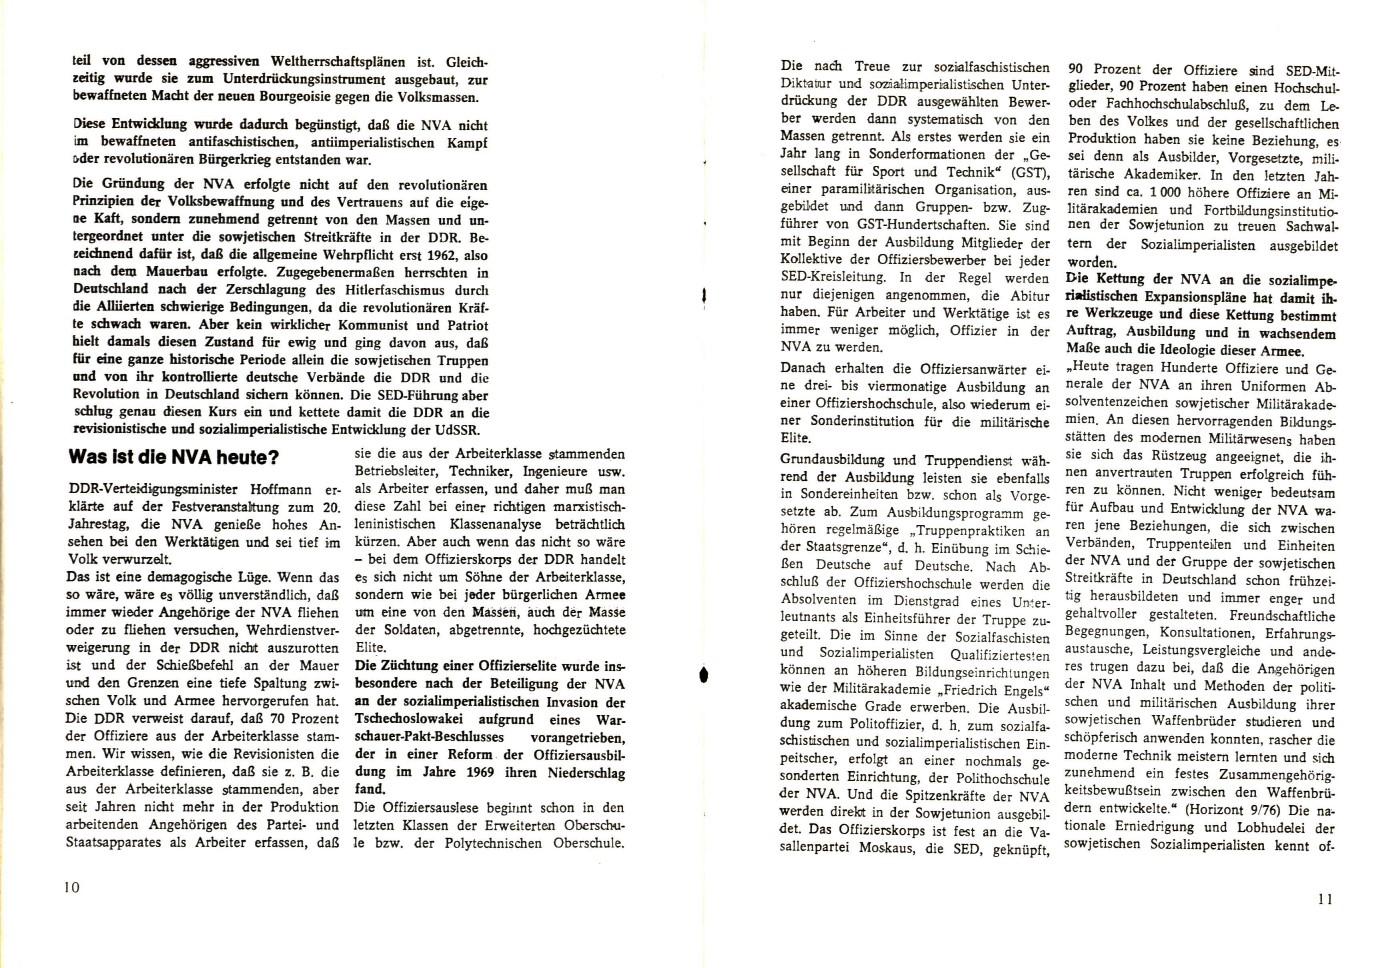 KPDAO_1976_Artikel_DKP_Breschnew_07